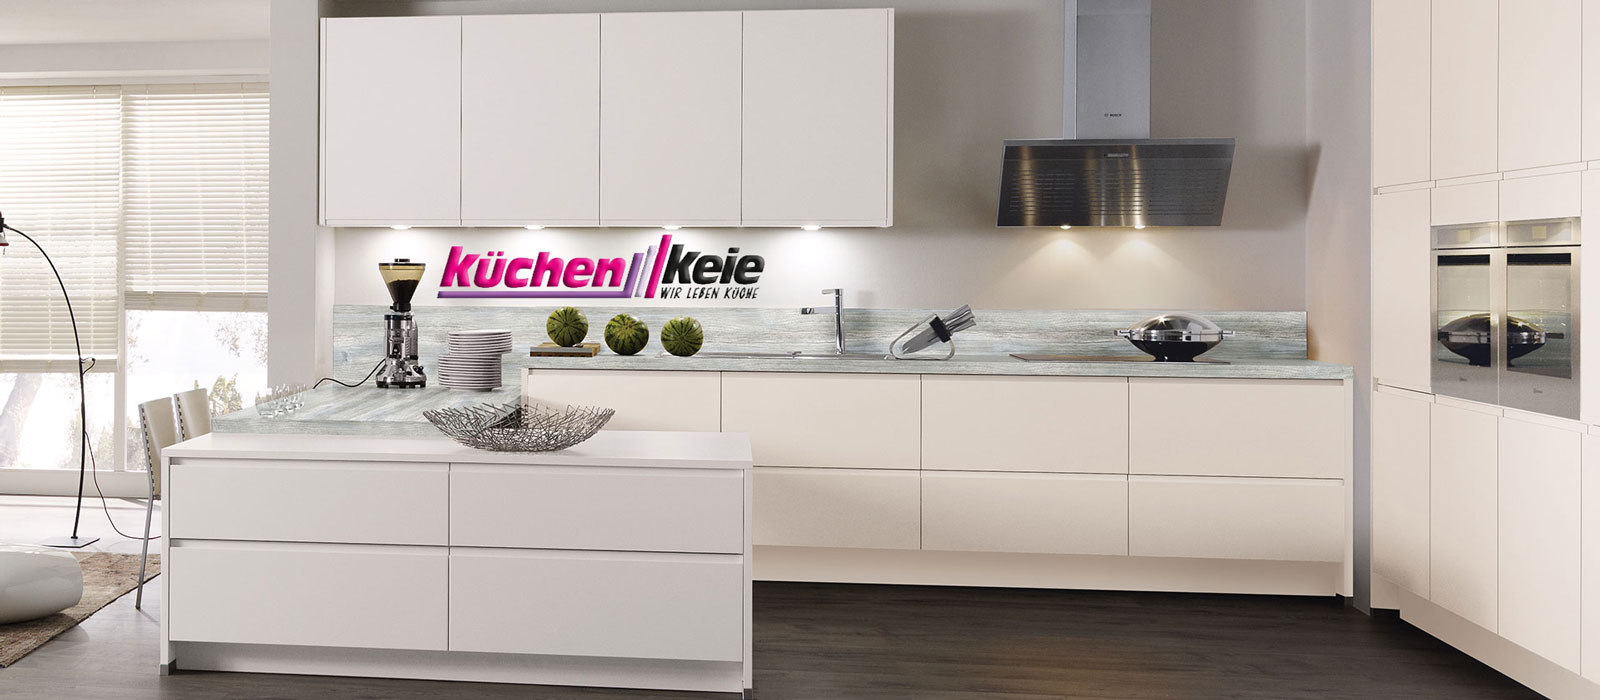 Kuchenstudio Heusenstamm Kuchenstudio Hanau Kuchenstudio Frankfurt